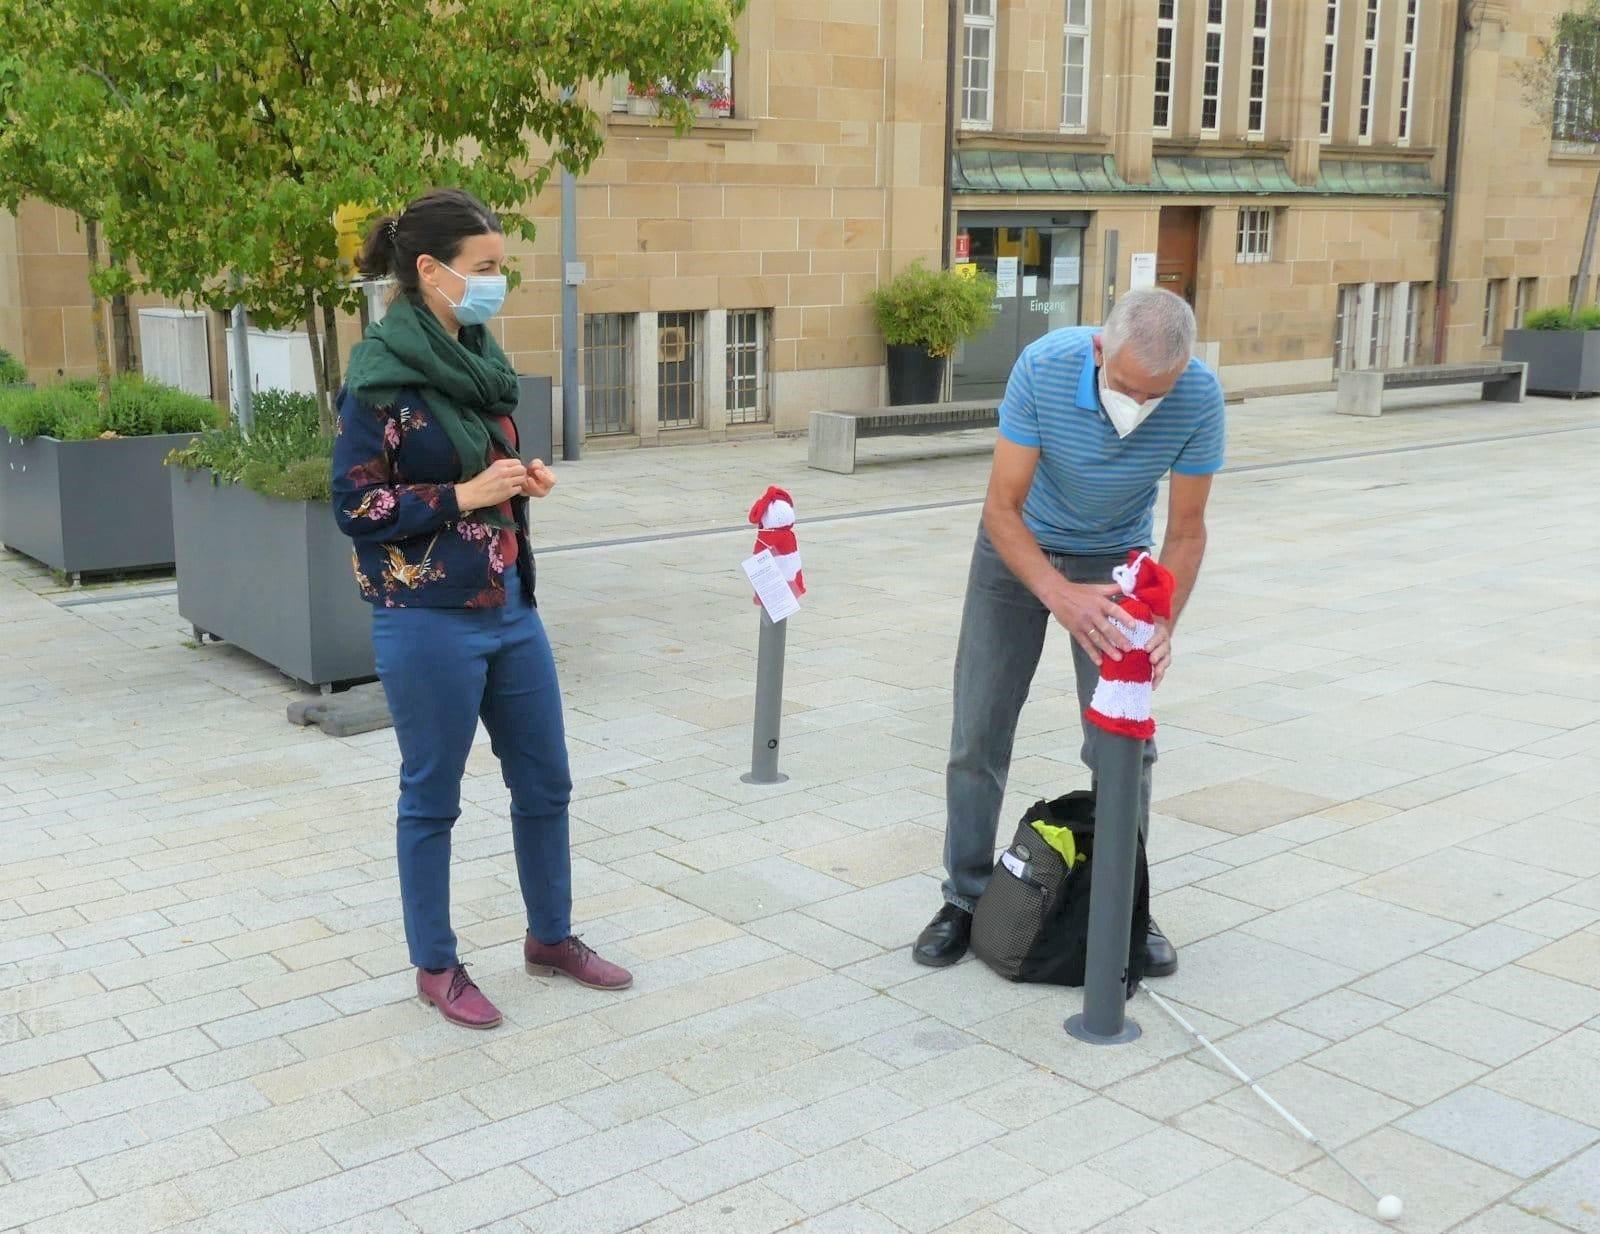 Anselm Schmid zieht einem Poller am Rathausplatz ein rot-weißes Mützchen über: Oberbürgermeisterin Dorothee Eisenlohr schaut zu. Fotos: him